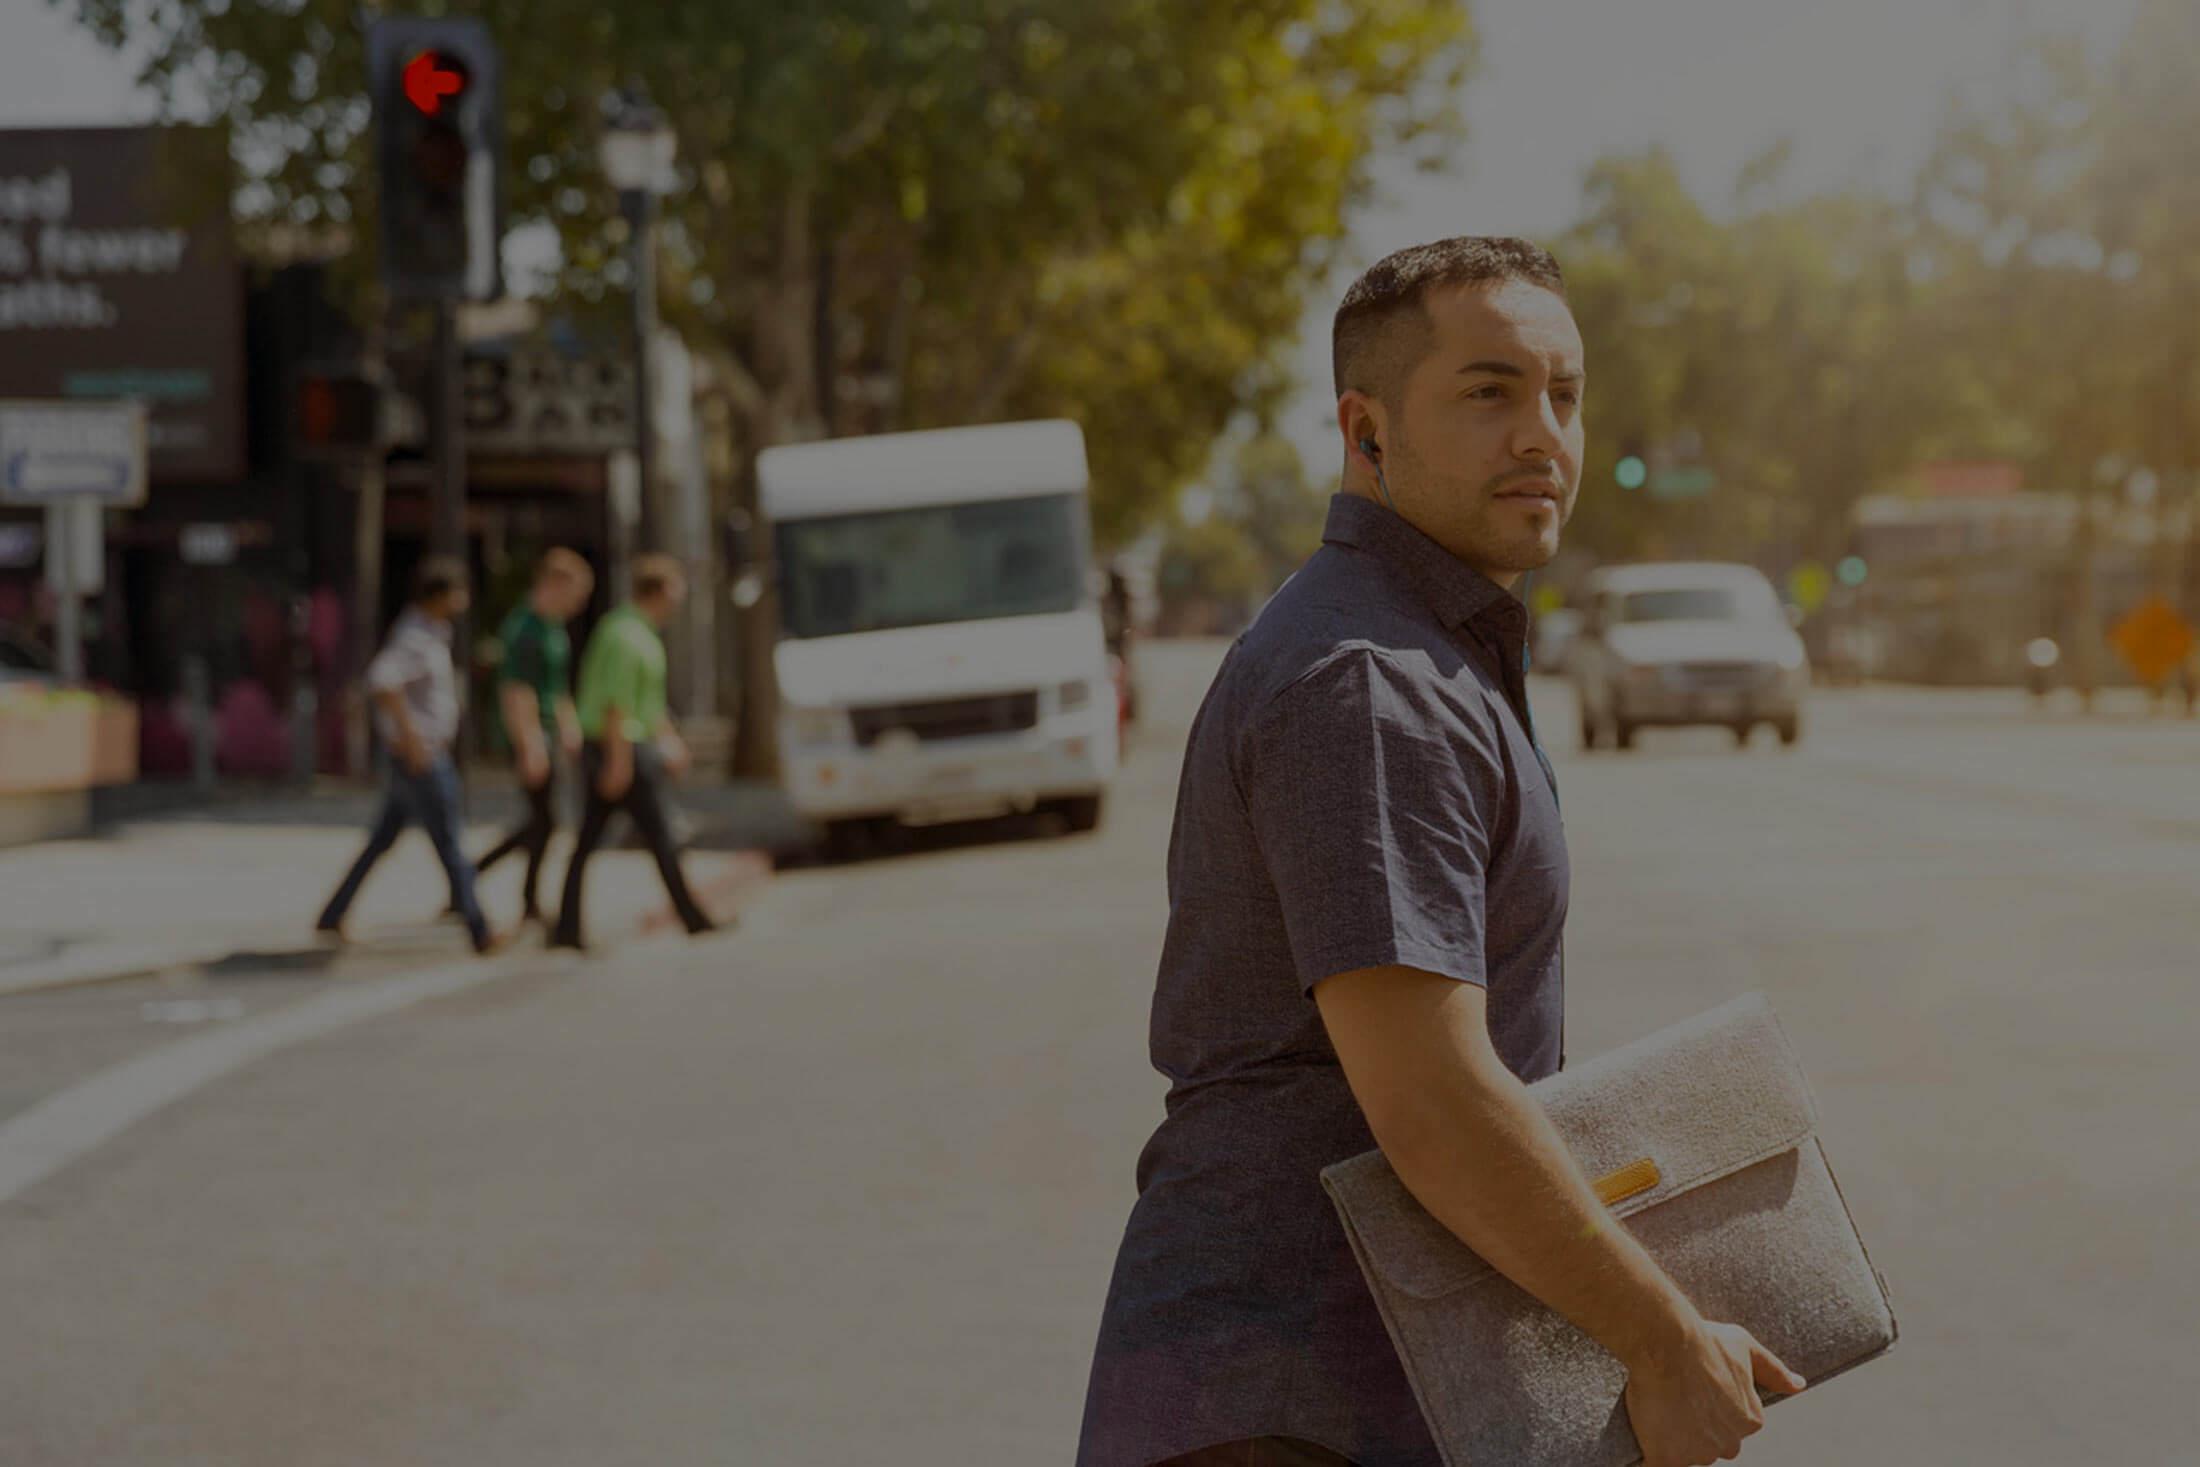 Pole emploi - offre emploi Chauffeur livreur pl frigo (H/F) - Chambéry